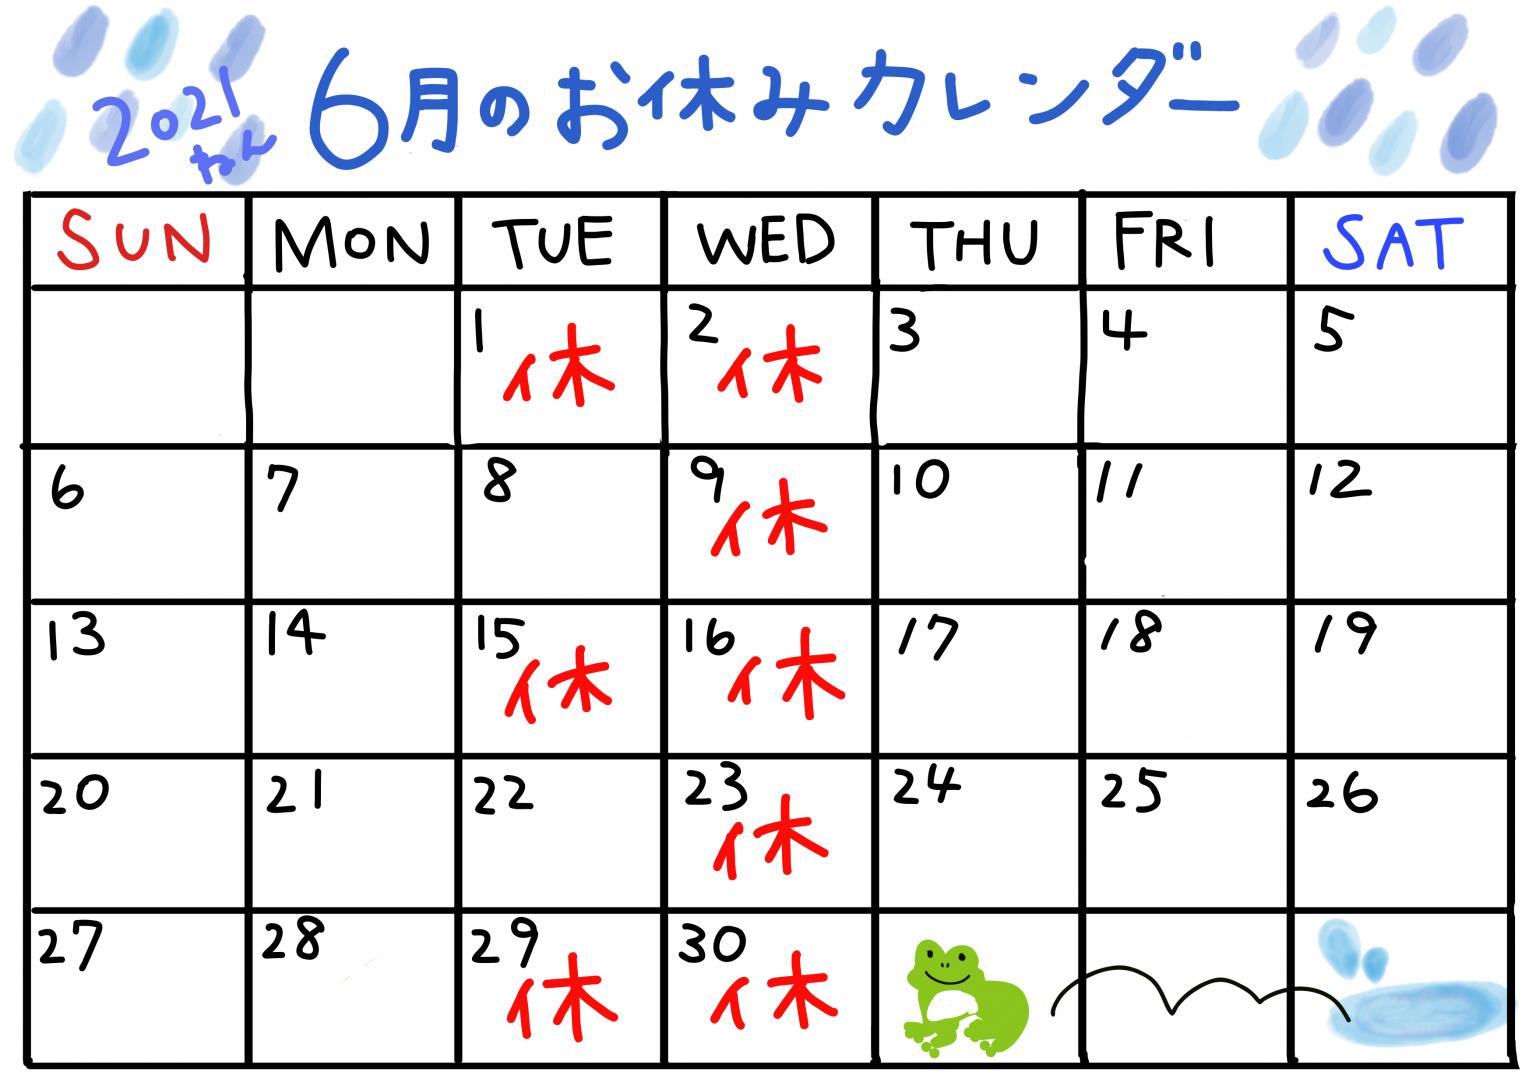 2021.5カレンダー